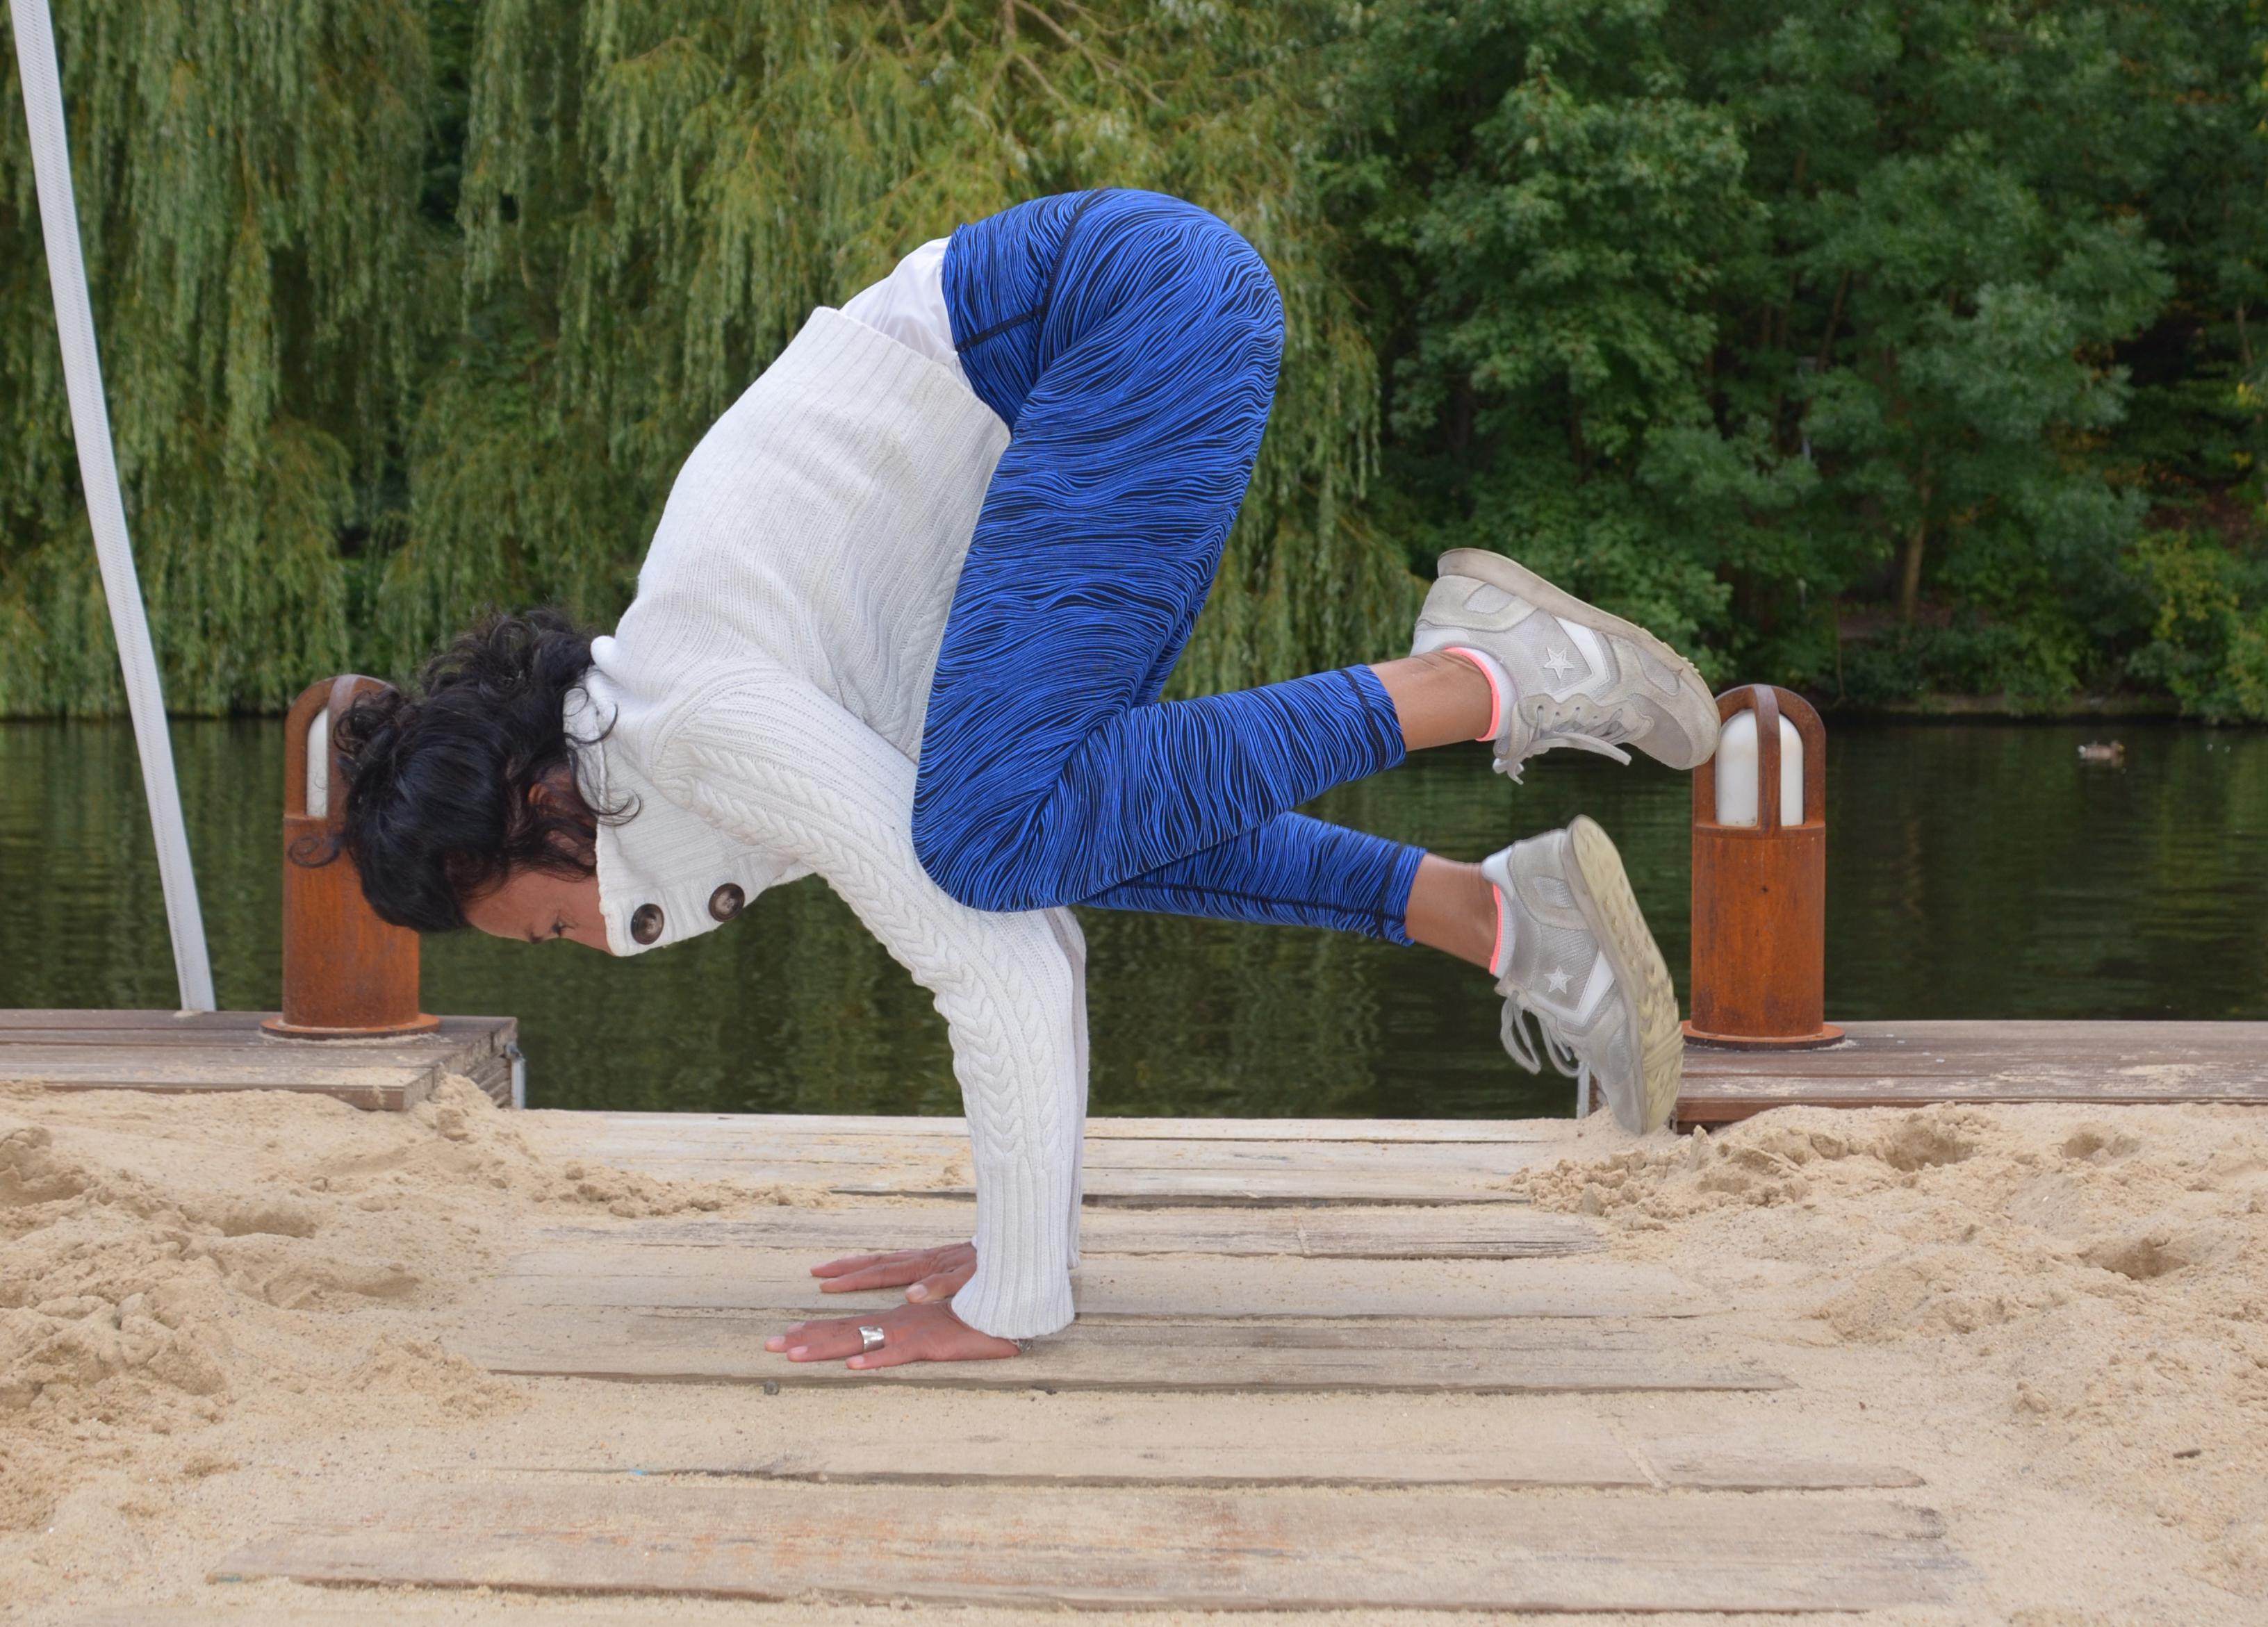 Yoga am Beach Club in Hamburg